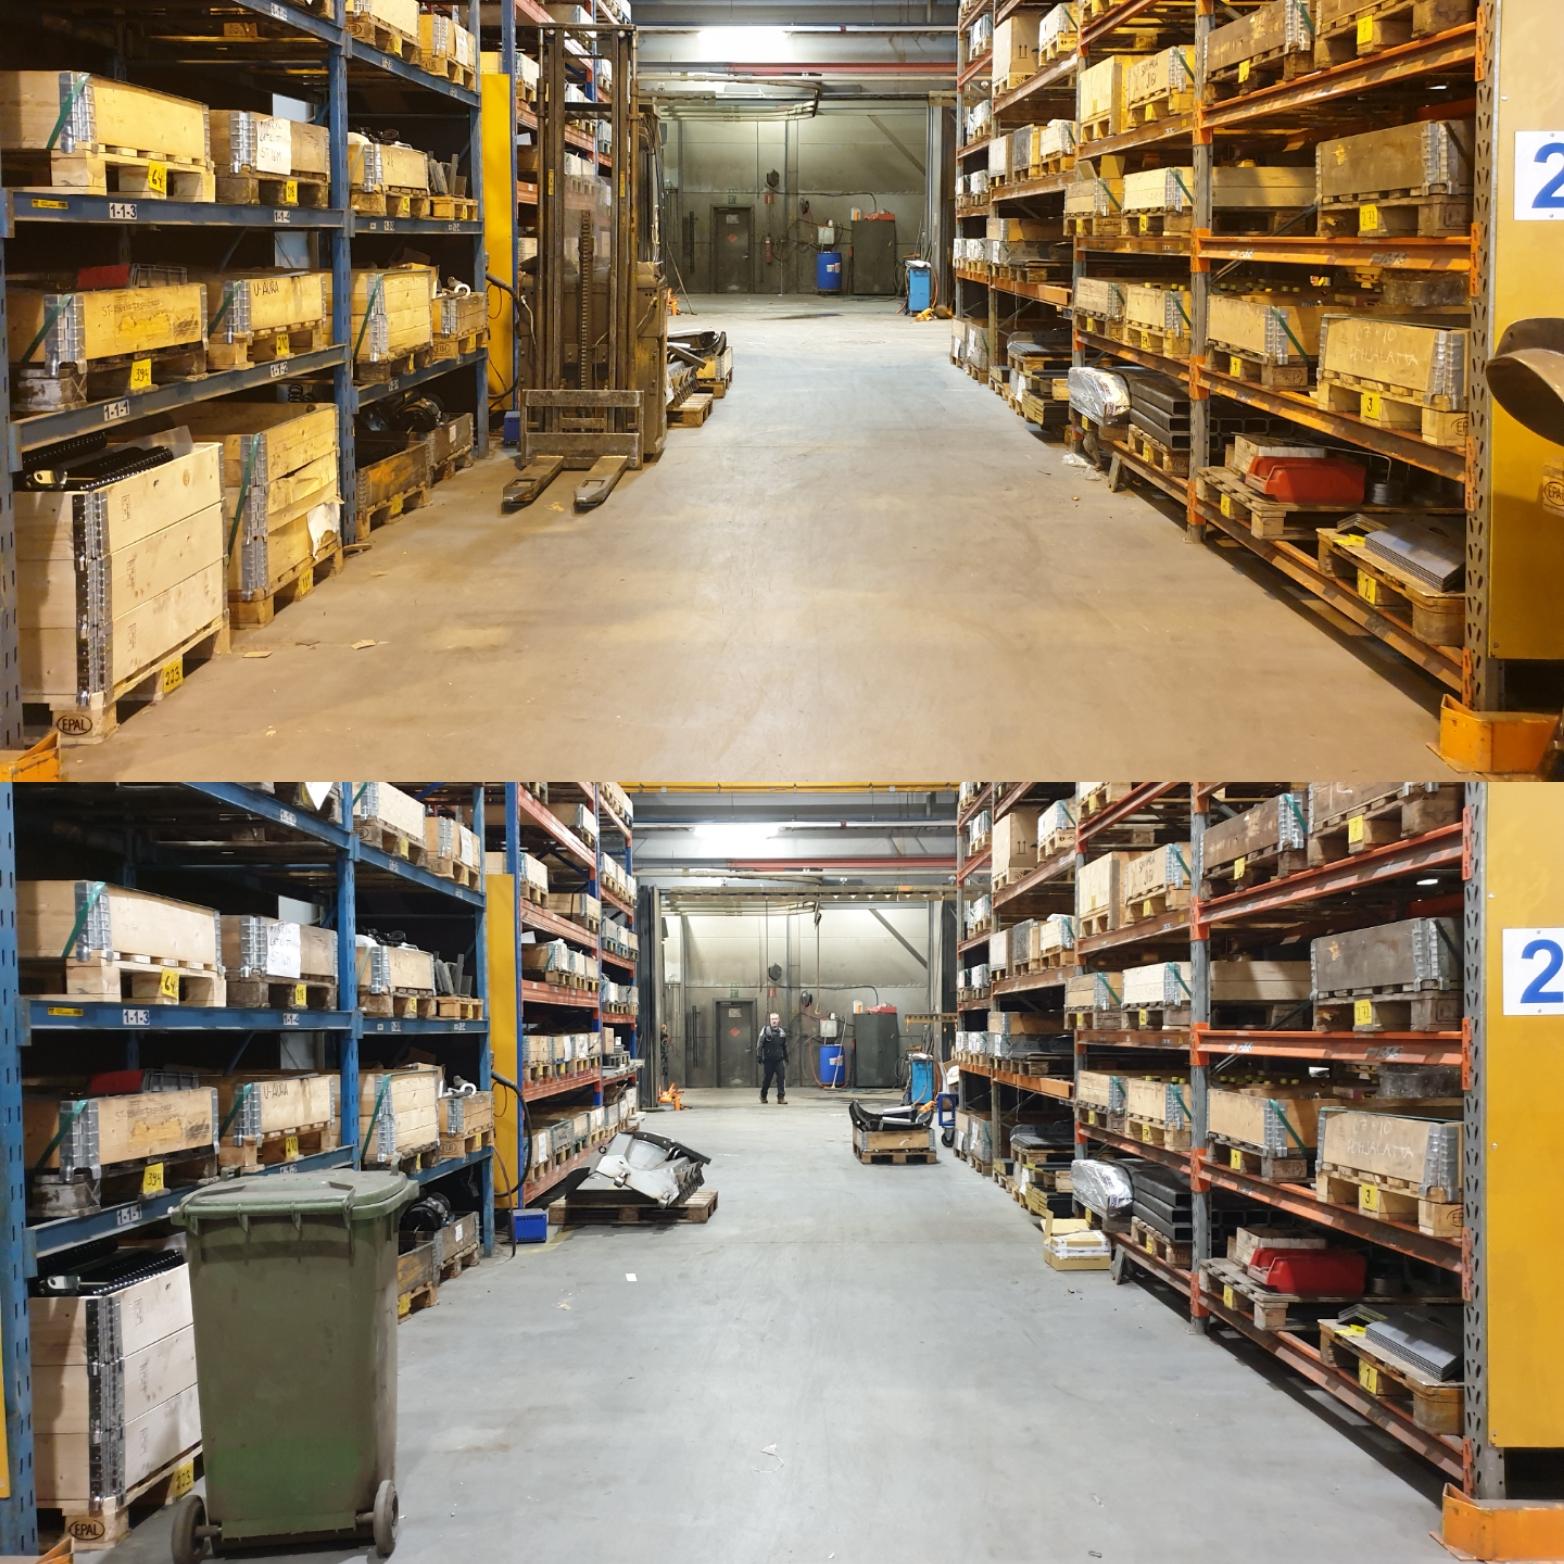 Uusi LED-valaistus parantaa turvallisuutta, vireyttä ja tuottavuutta